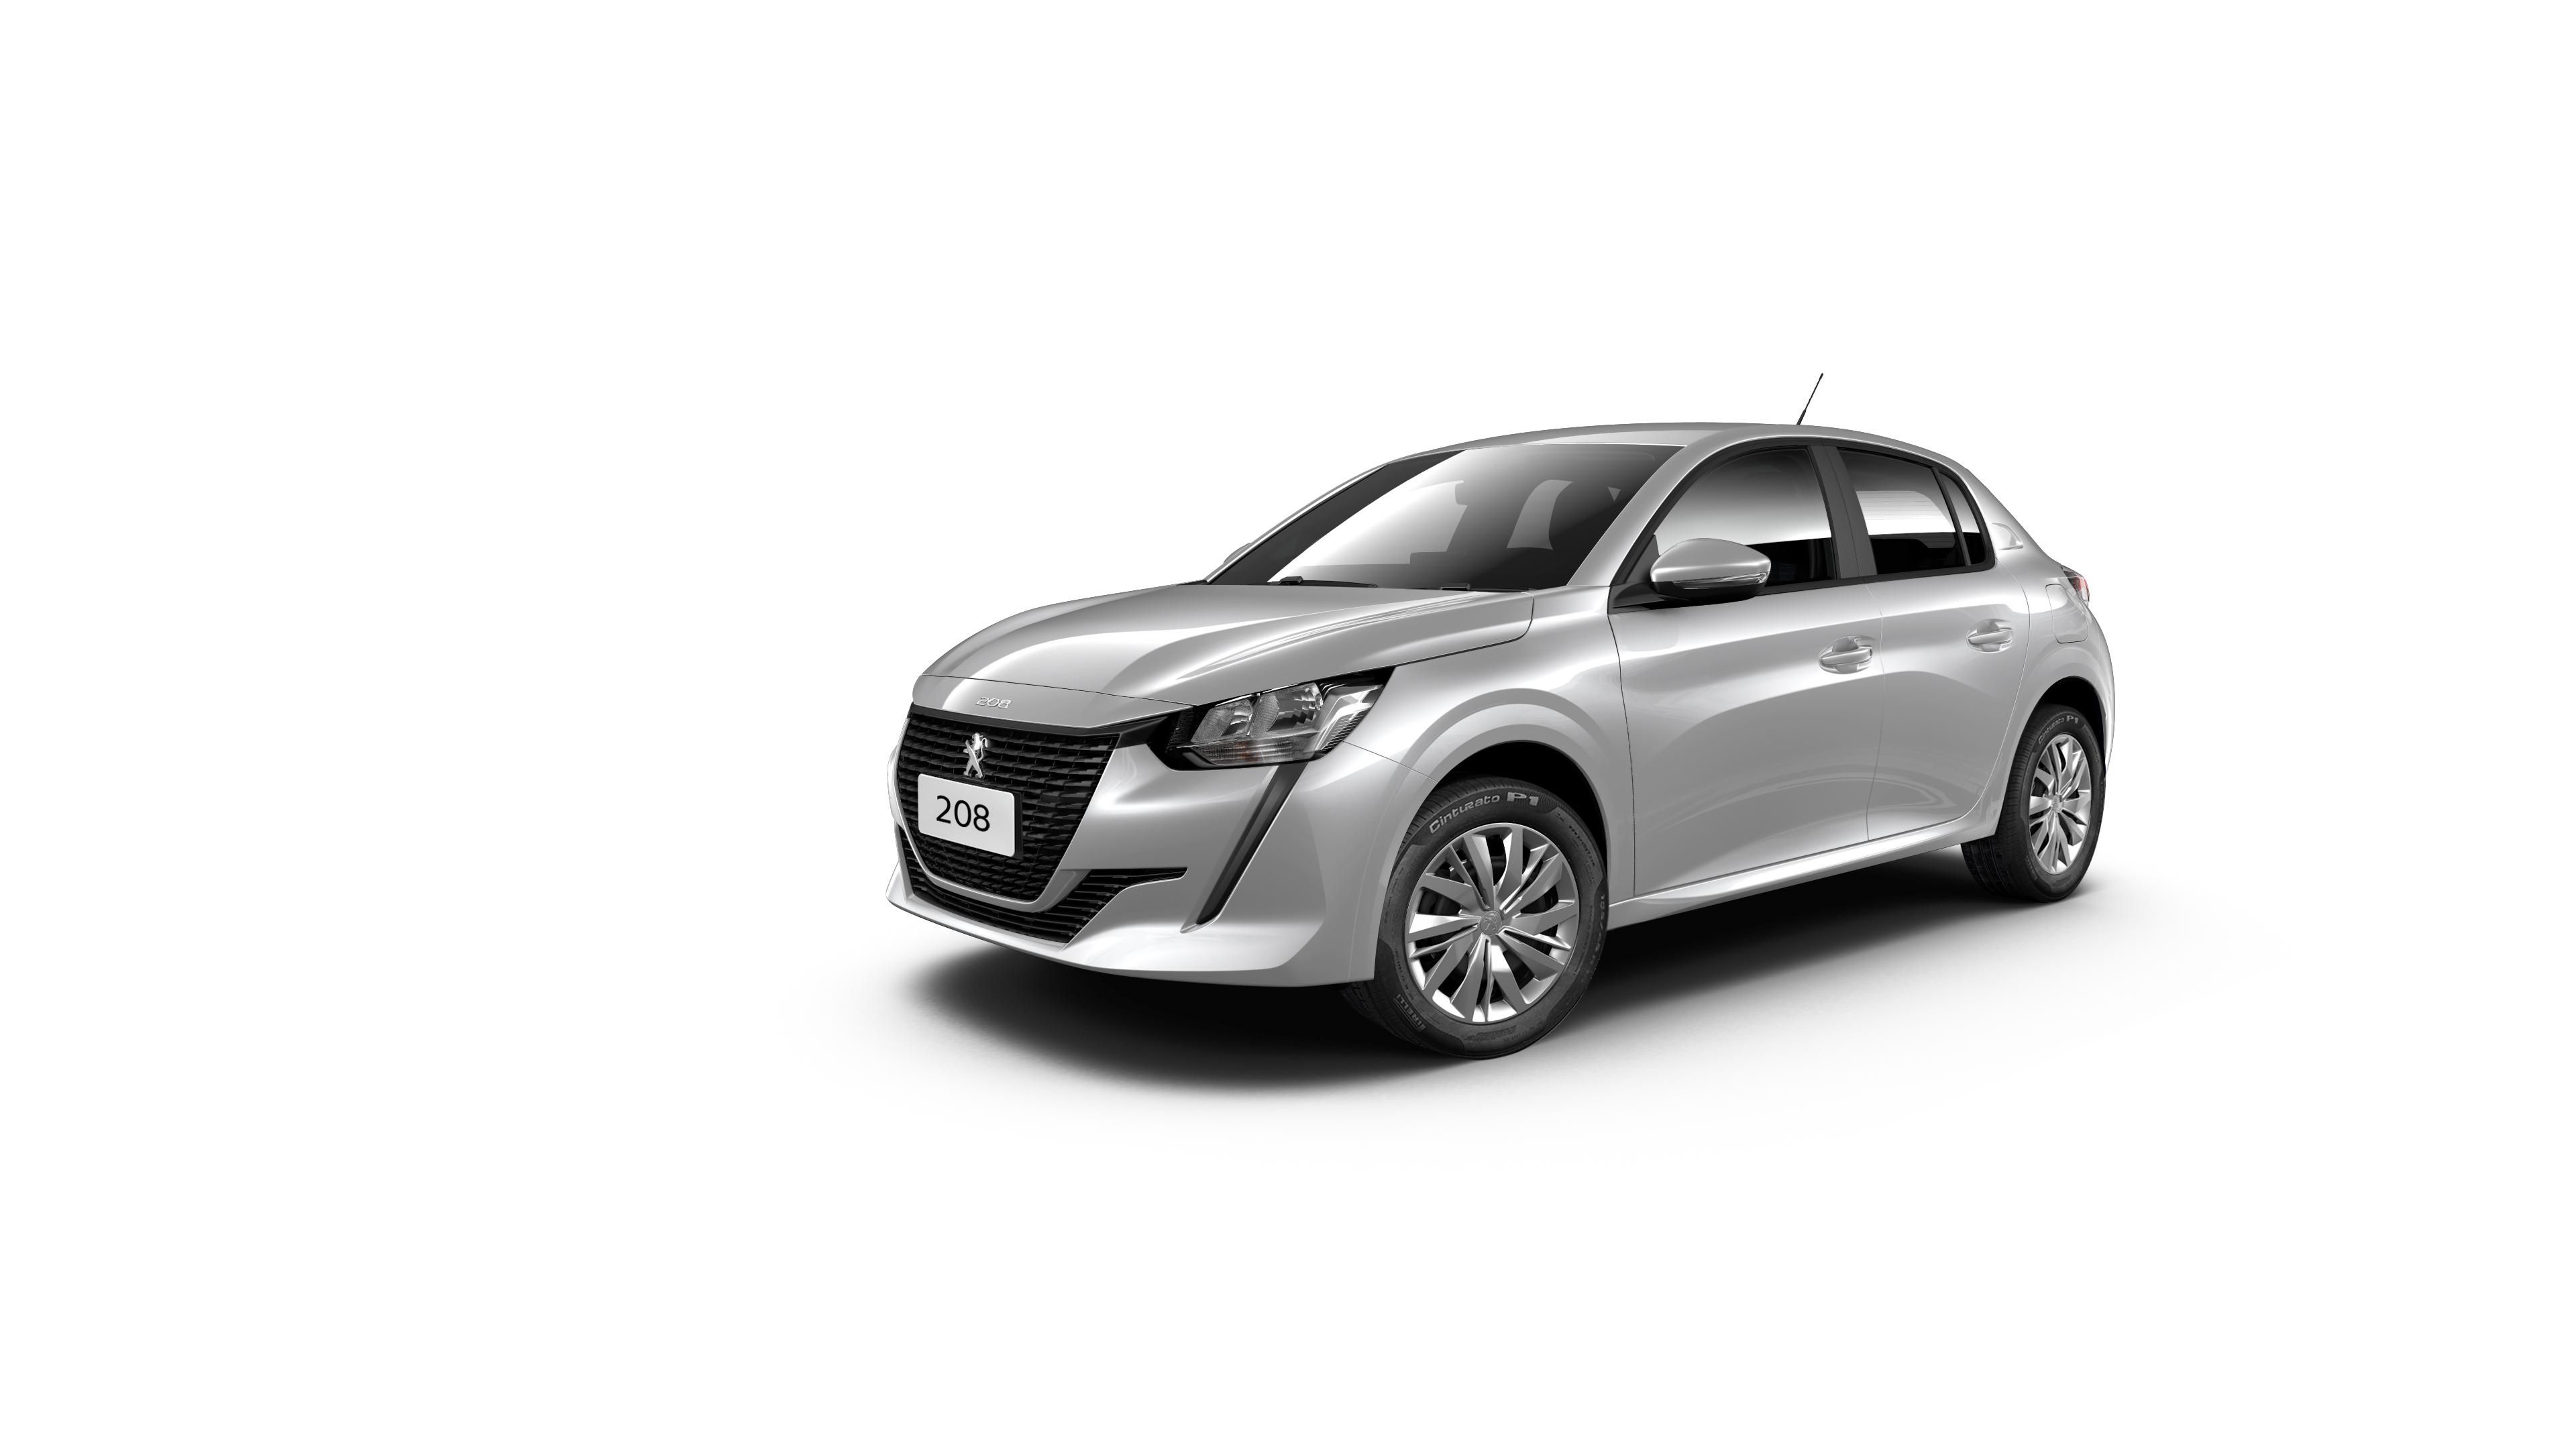 Novo Peugeot 208 ganha duas versões com câmbio manual e preço reduzido